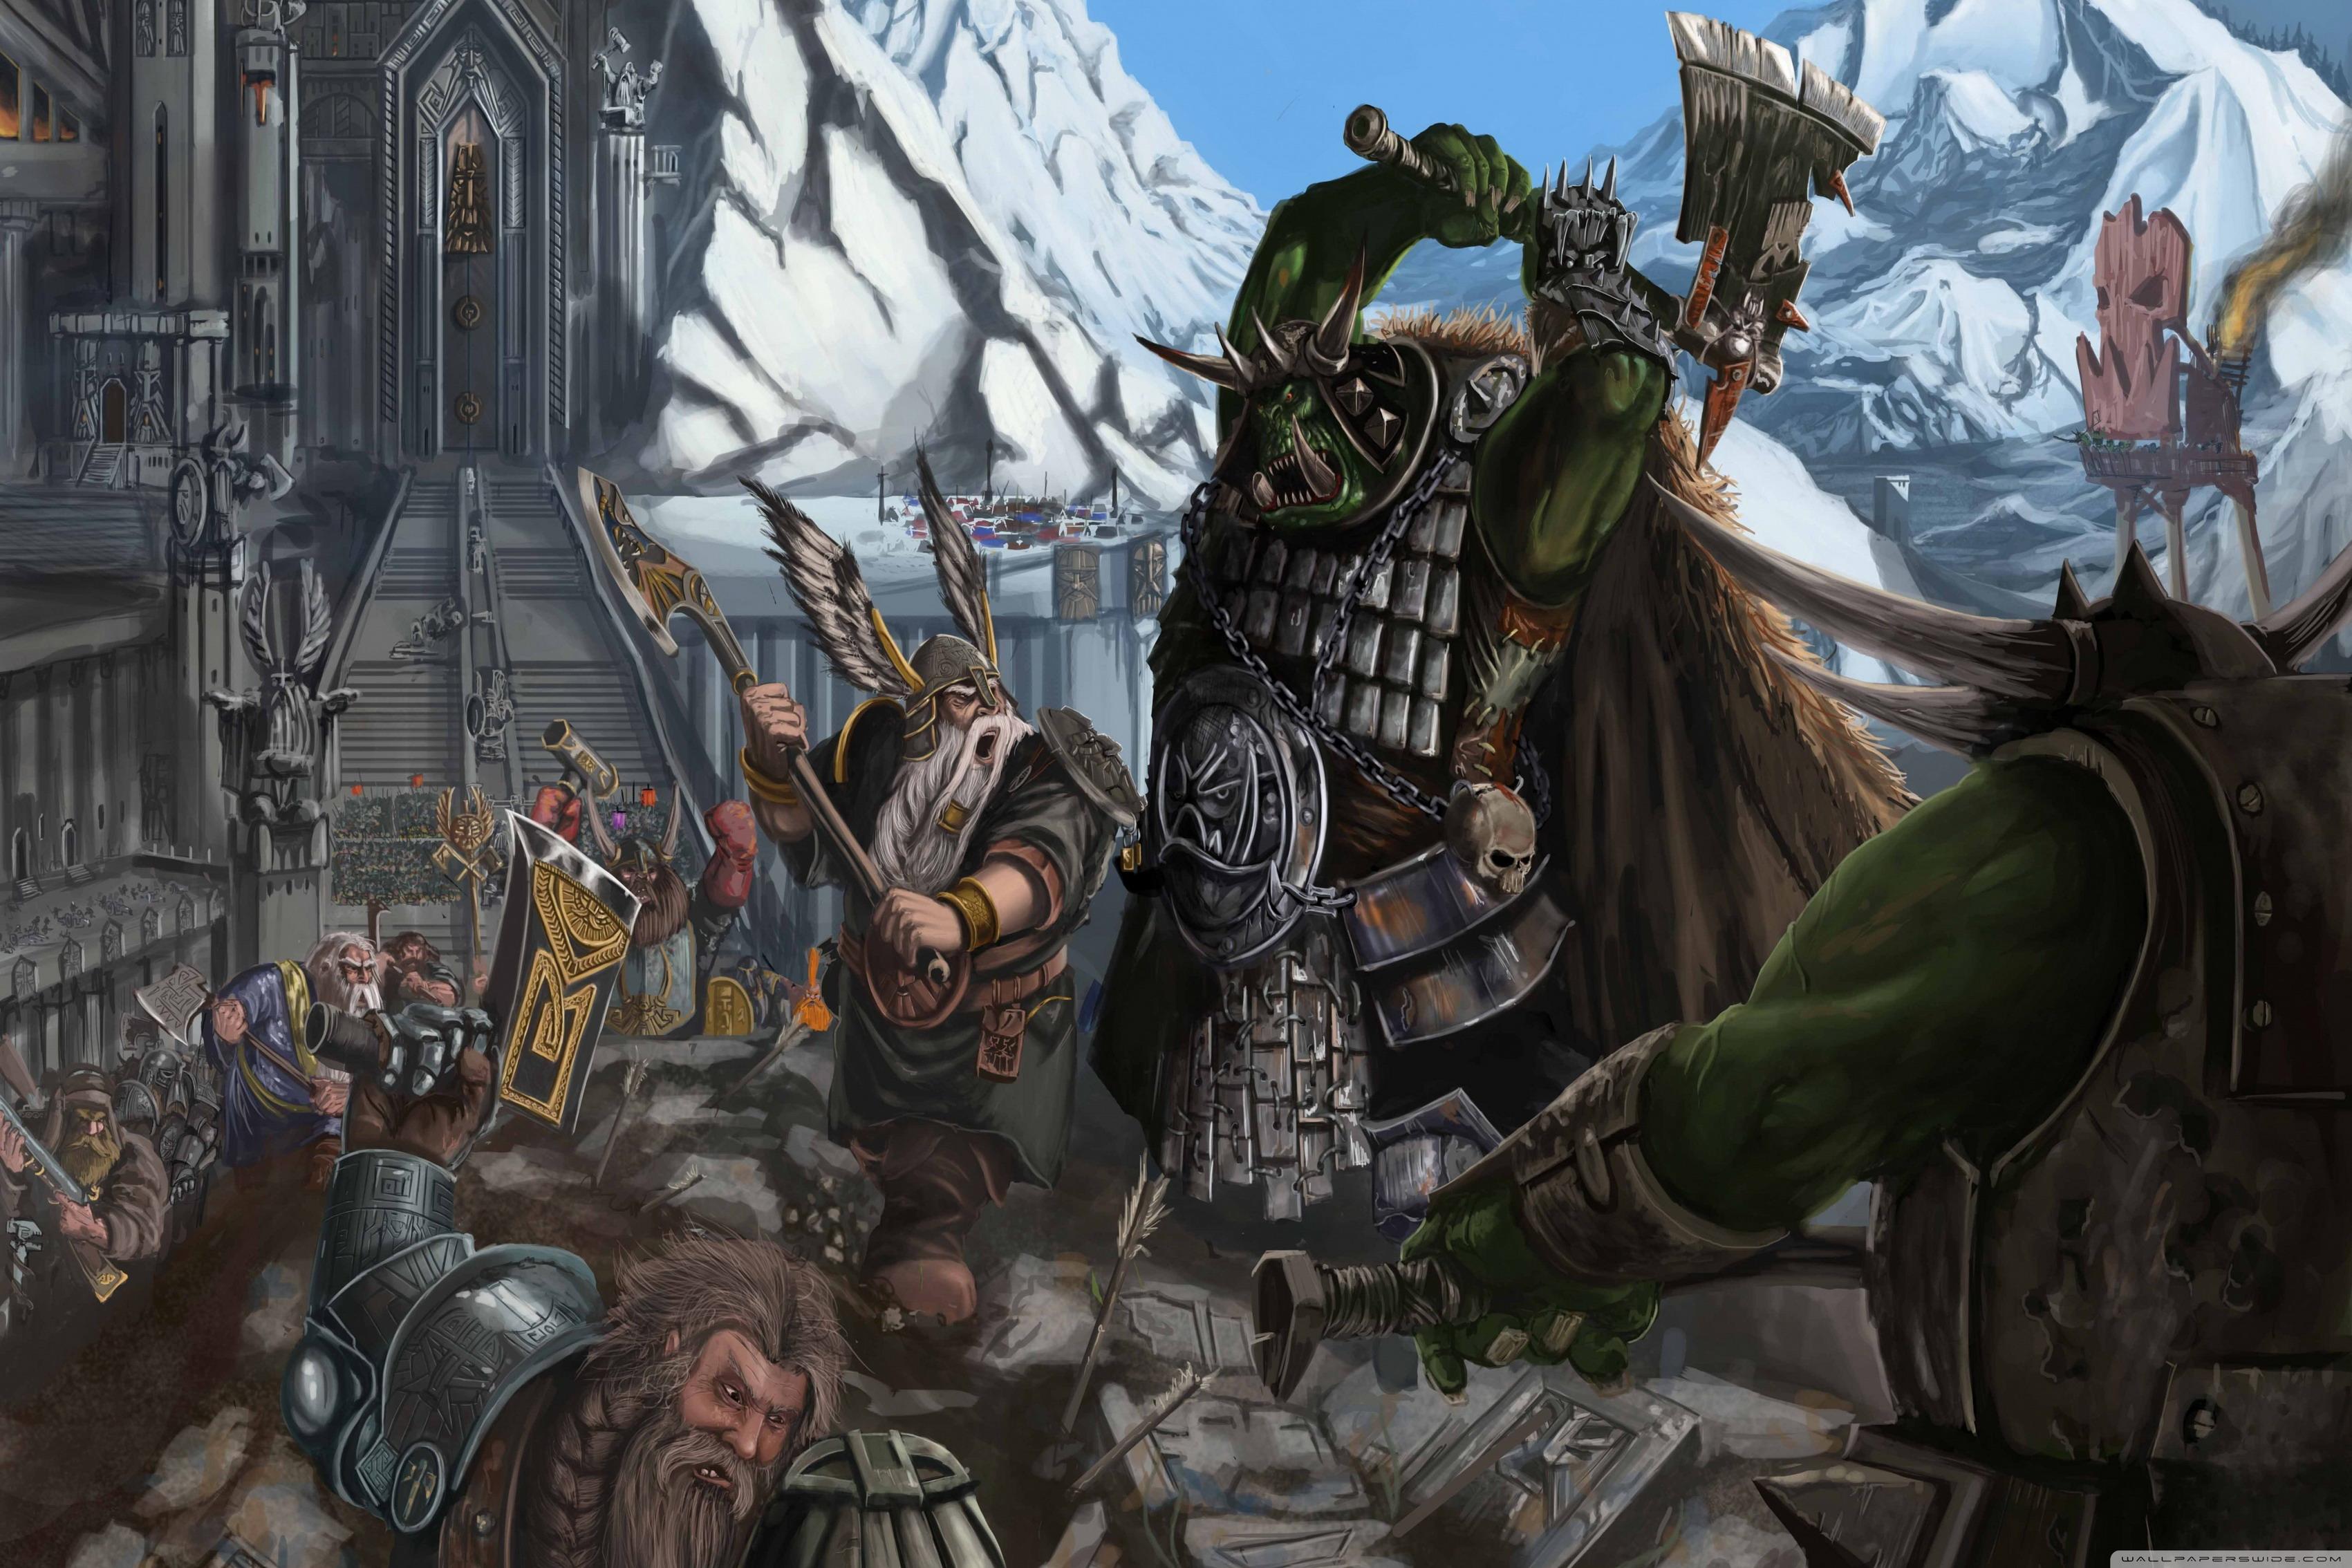 Warhammer Fantasy Battle Art 3402x2268 Download Hd Wallpaper Wallpapertip